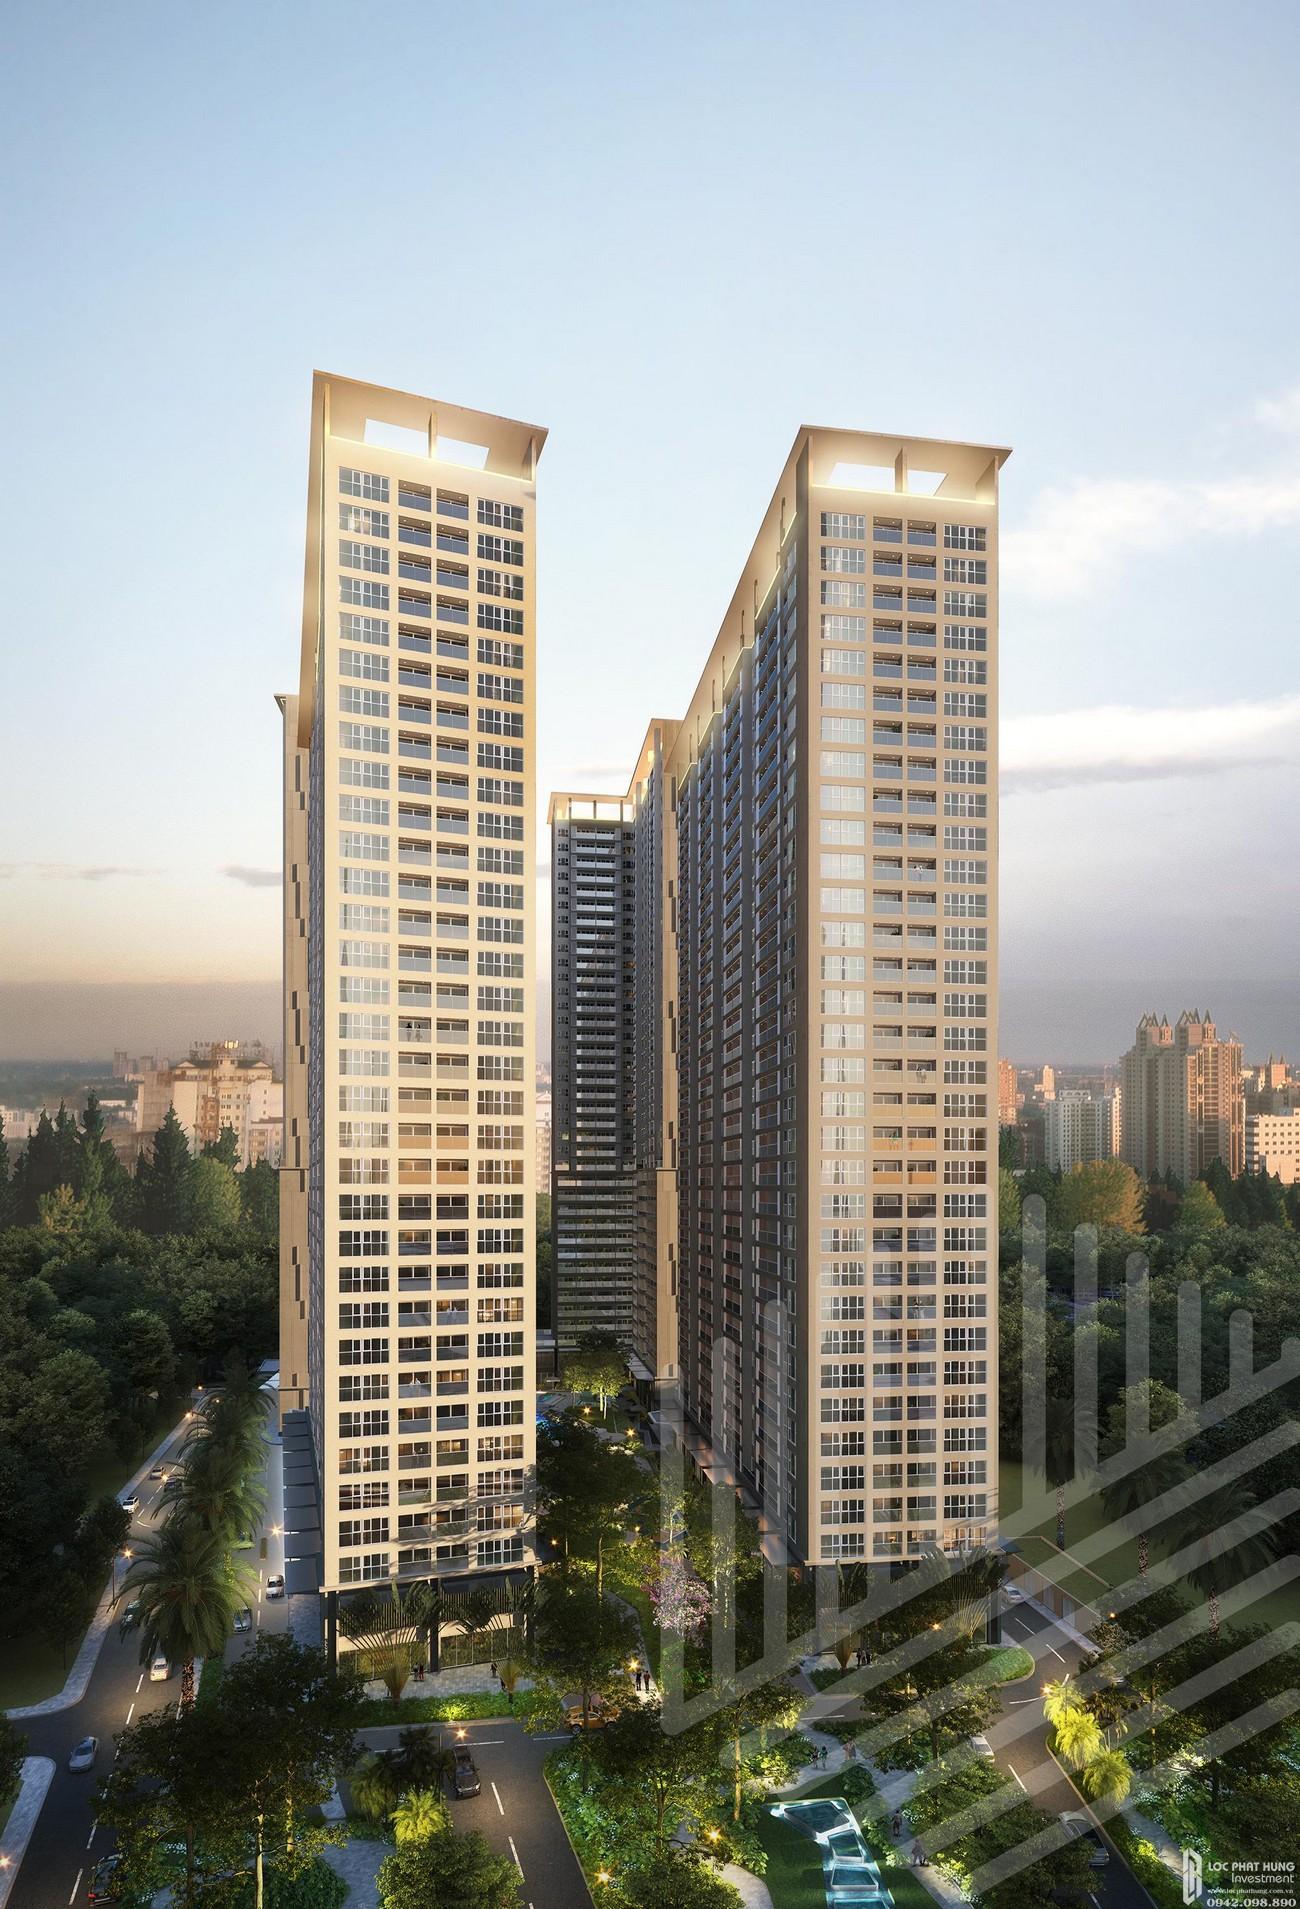 Phối cảnh tổng thể dự án căn hộ chung cư Lavita Thuận An Thuận An Đường Quốc lộ 13 chủ đầu tư Quốc Cường Gia Lai